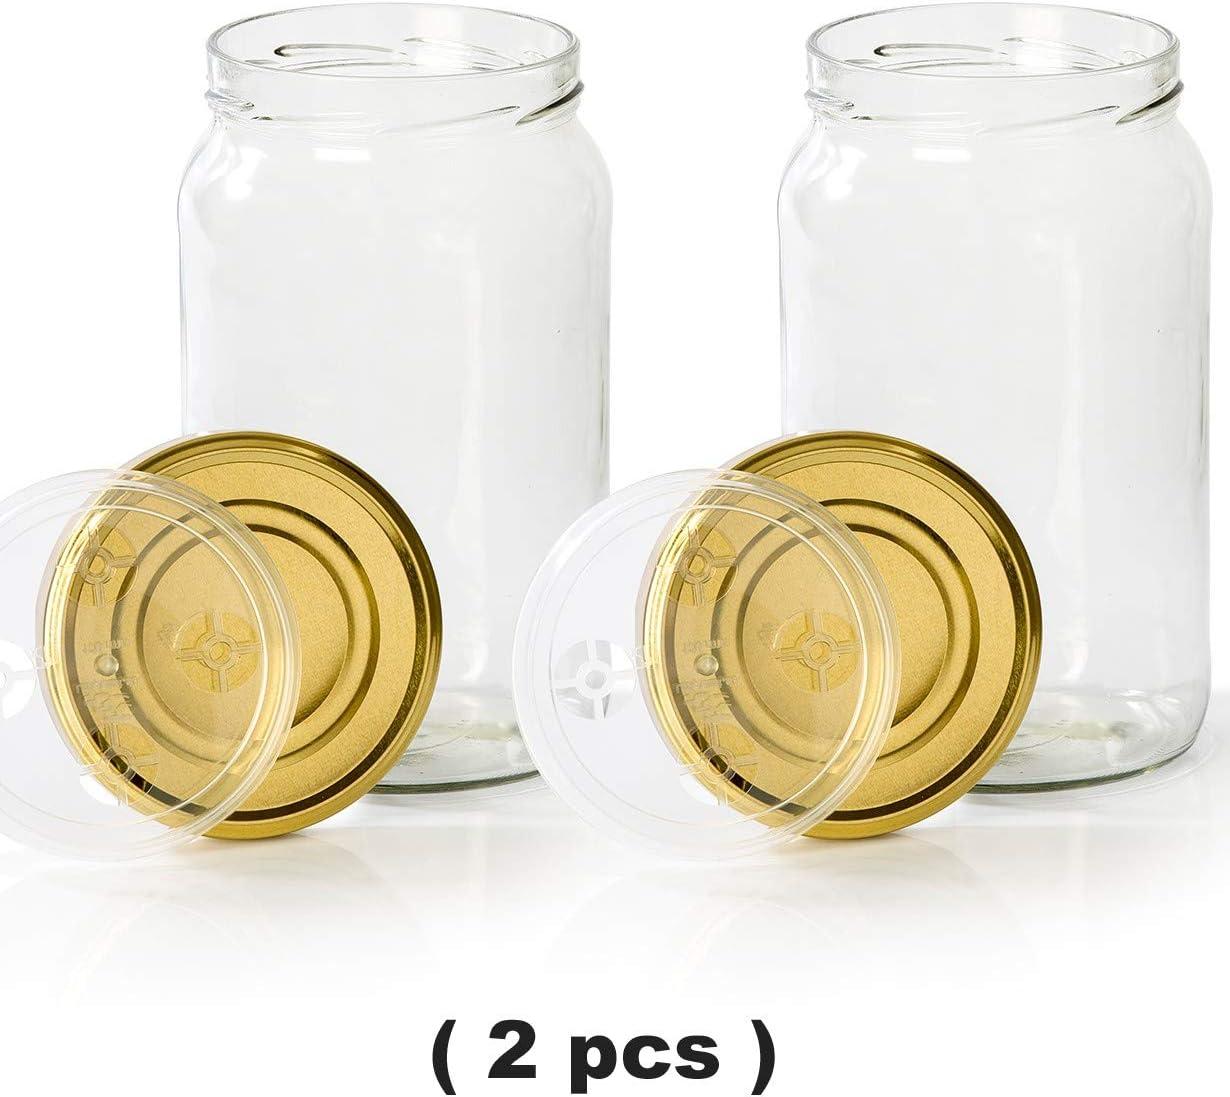 myFERMENTS Pack de 2 Tarros de Cristal Grandes con Tapa (1966 ml)- Especial para Hacer Conservas, Fermentación y Encurtidos.